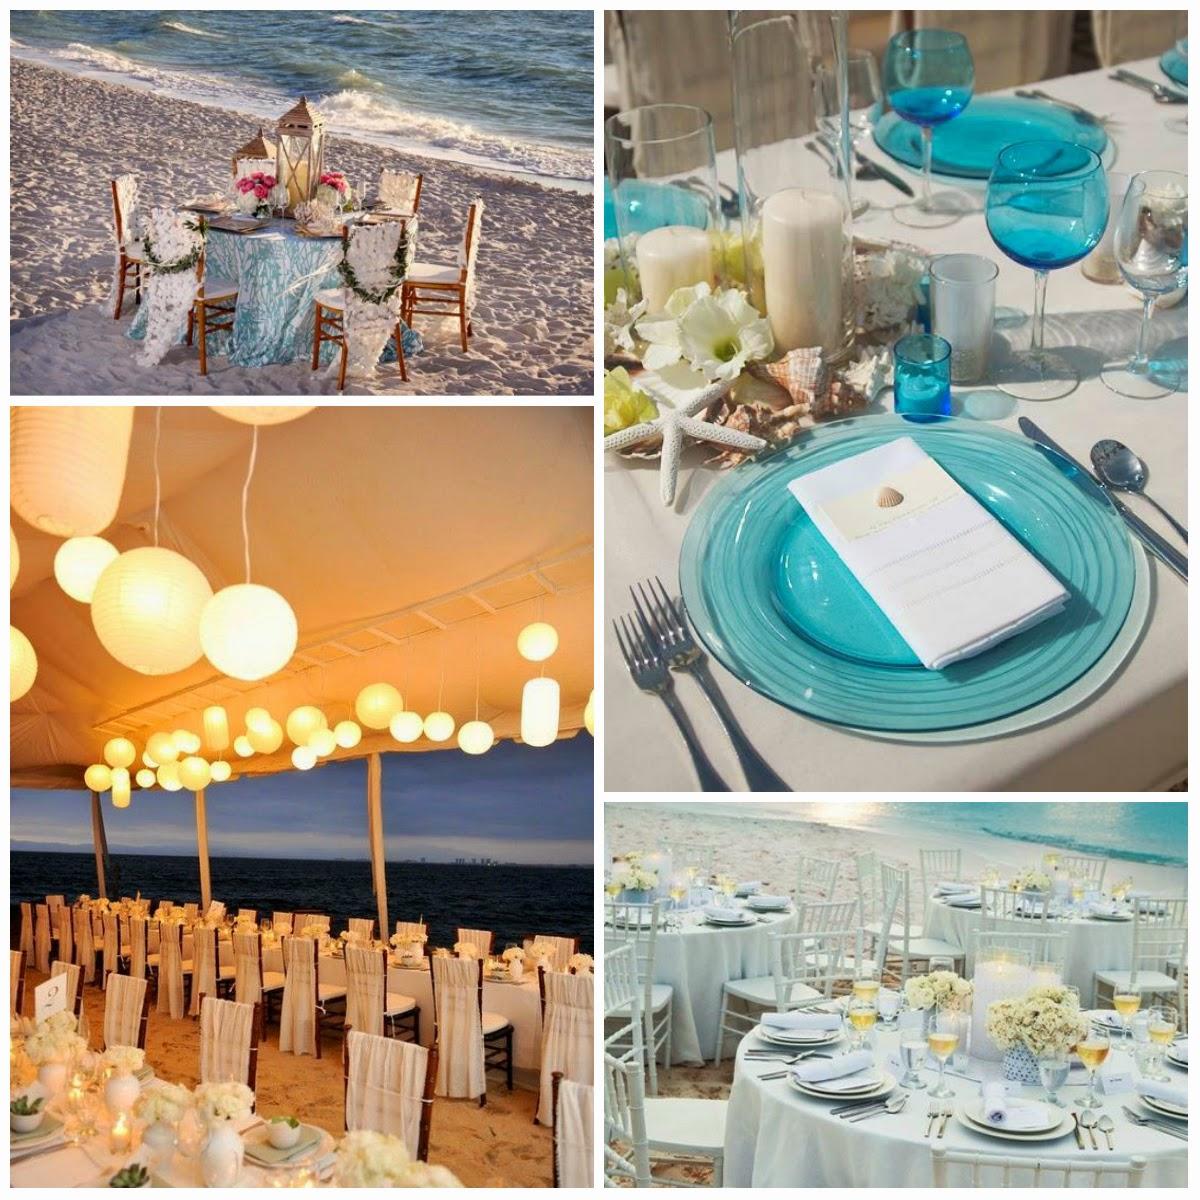 Decorazioni Matrimonio Spiaggia : Decorazioni matrimonio mare migliore collezione